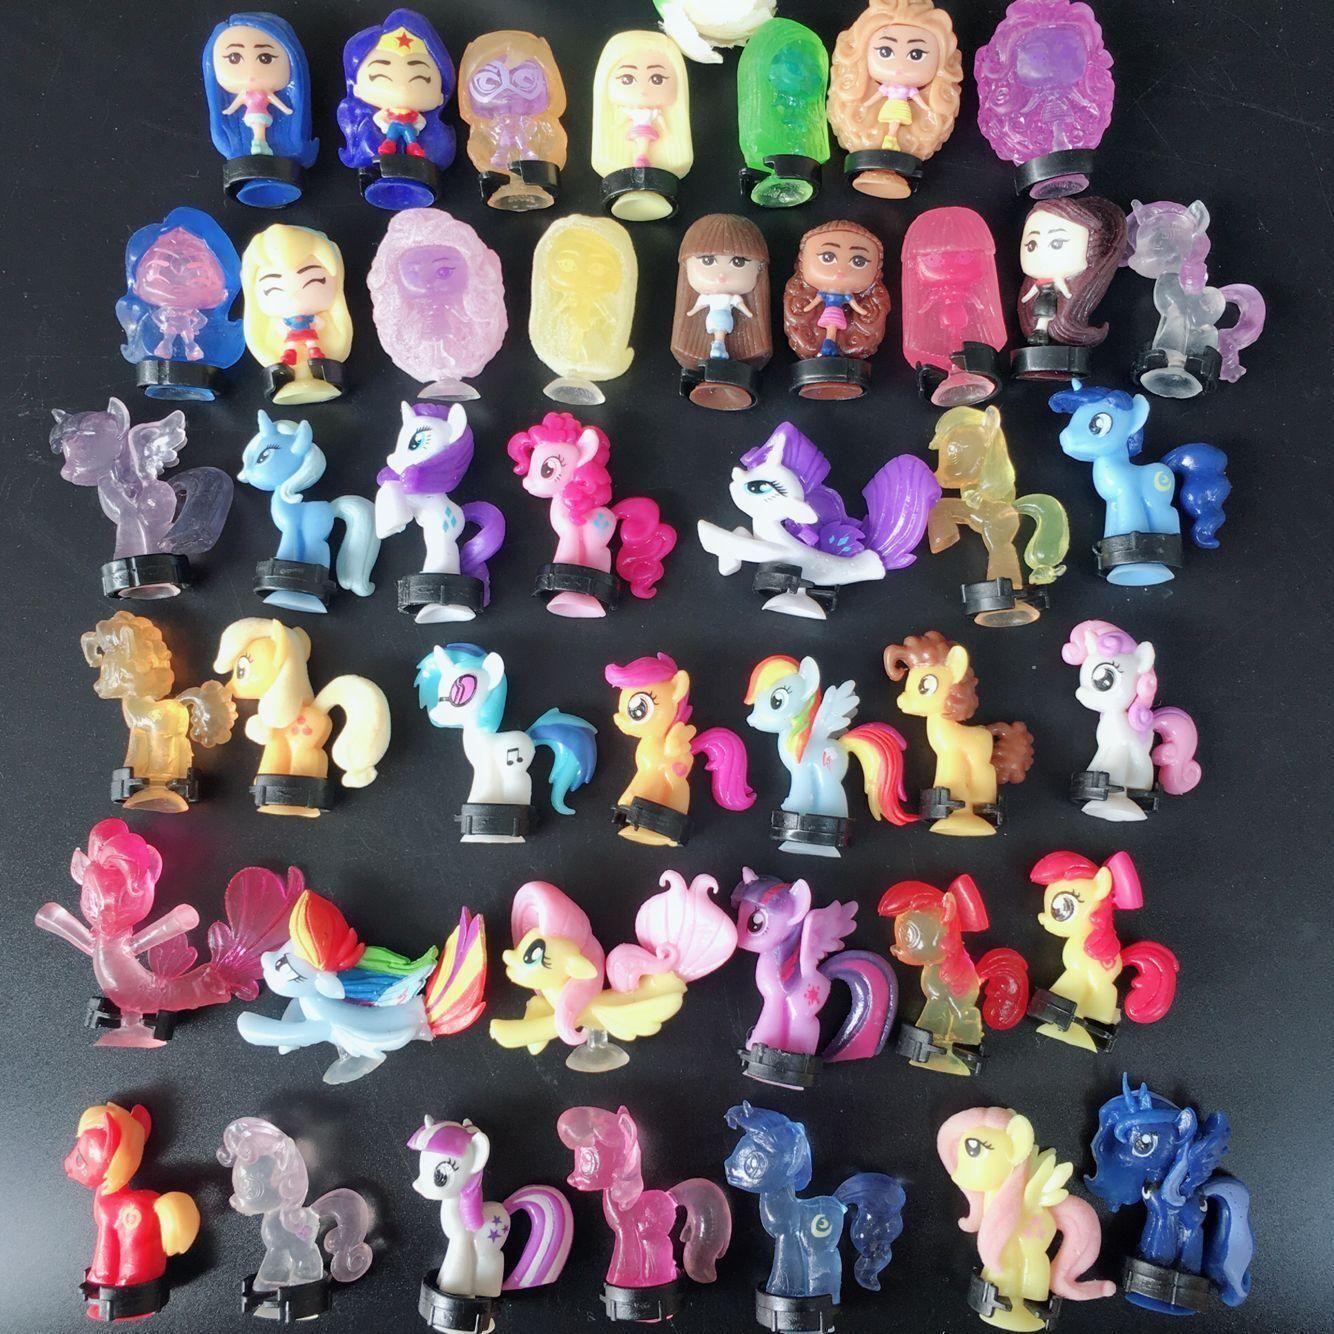 Kristall Farbe Kleine Pegasus Saugnapf-Puppe spielt 3cm Pvc Cartoon Animation Peripheral Twist Egg Sammlung Geschenk L416